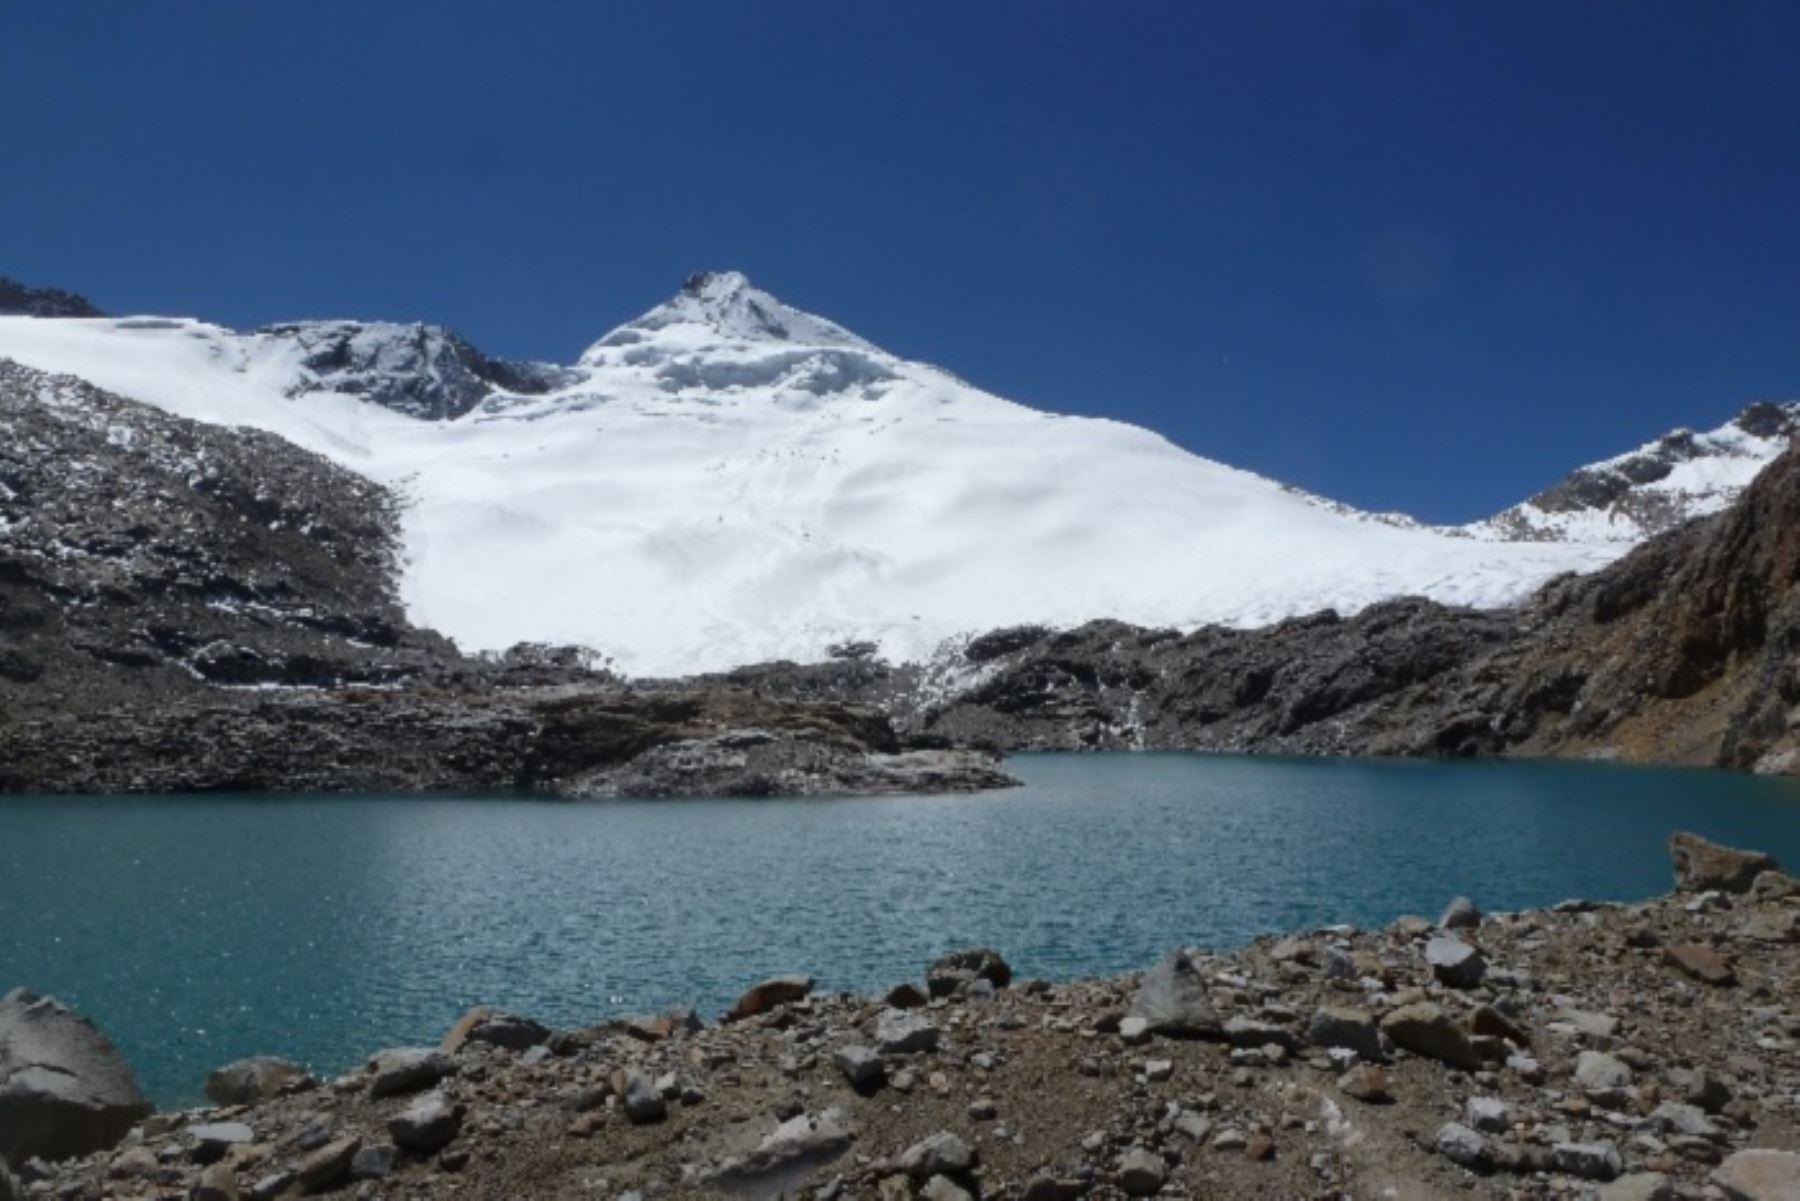 Dos proyectos de investigación enfocados en el retroceso de glaciares y su impacto en la seguridad hídrica y los peligros naturales del Perú serán ejecutados con la participación del Servicio Nacional de Meteorología e Hidrología (Senamhi) y el financiamiento del Fondo Nacional de Desarrollo Científico, Tecnológico y de Innovación Tecnológica (Fondecyt).